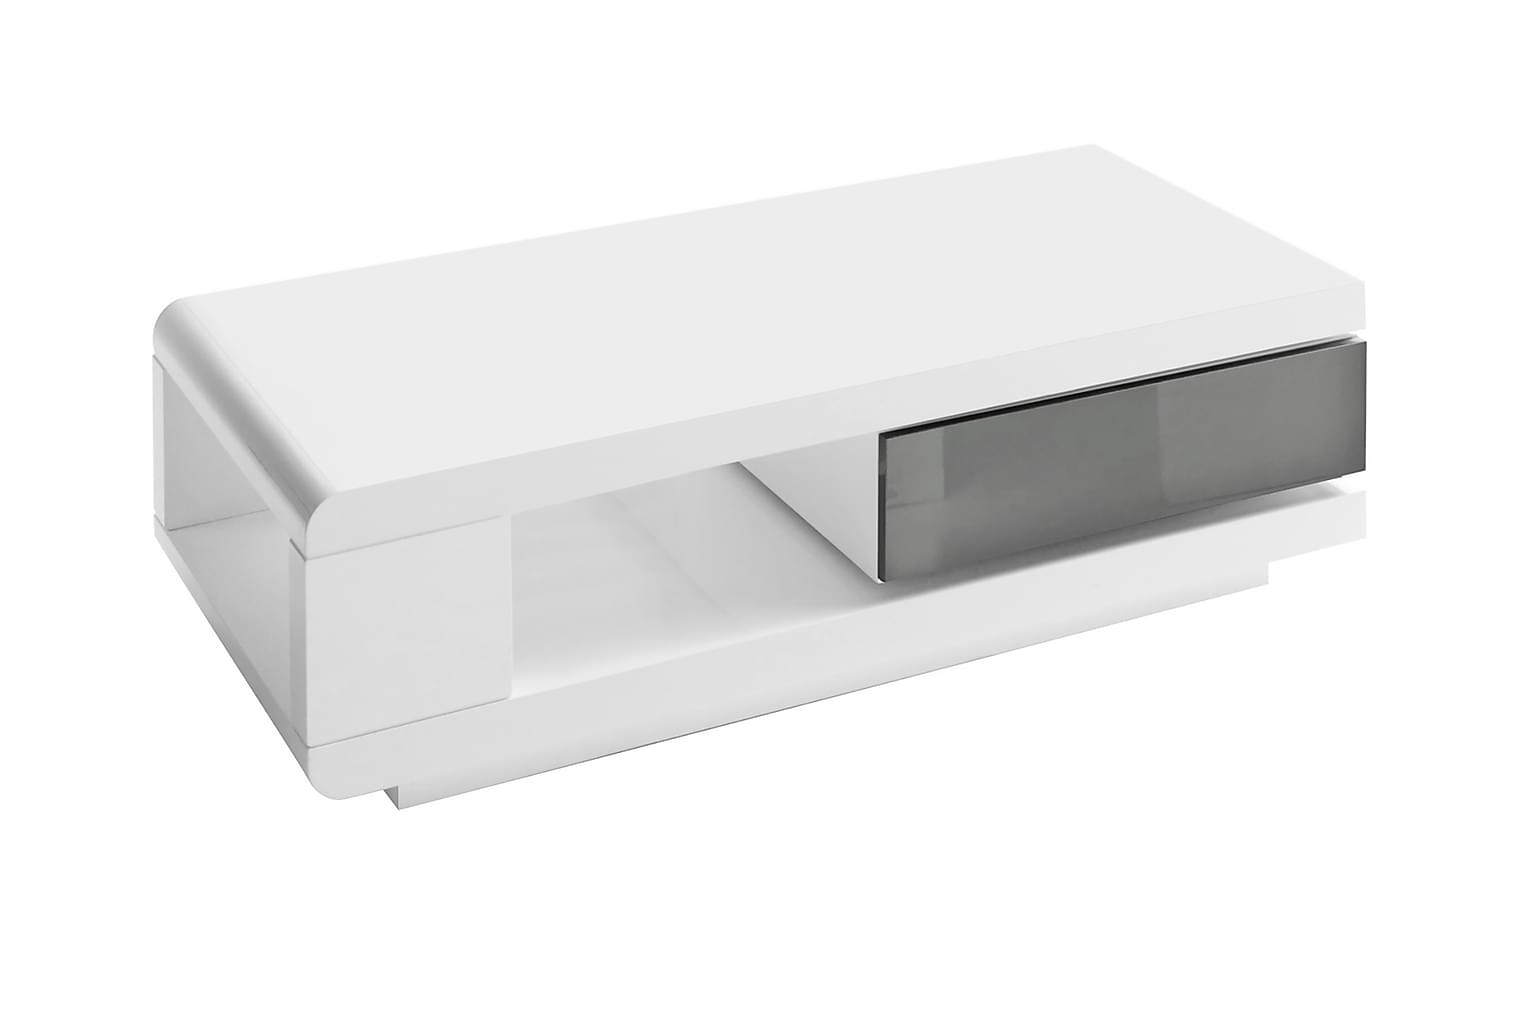 LYNX Sohvapöytä 120 Valkoinen/Harmaa